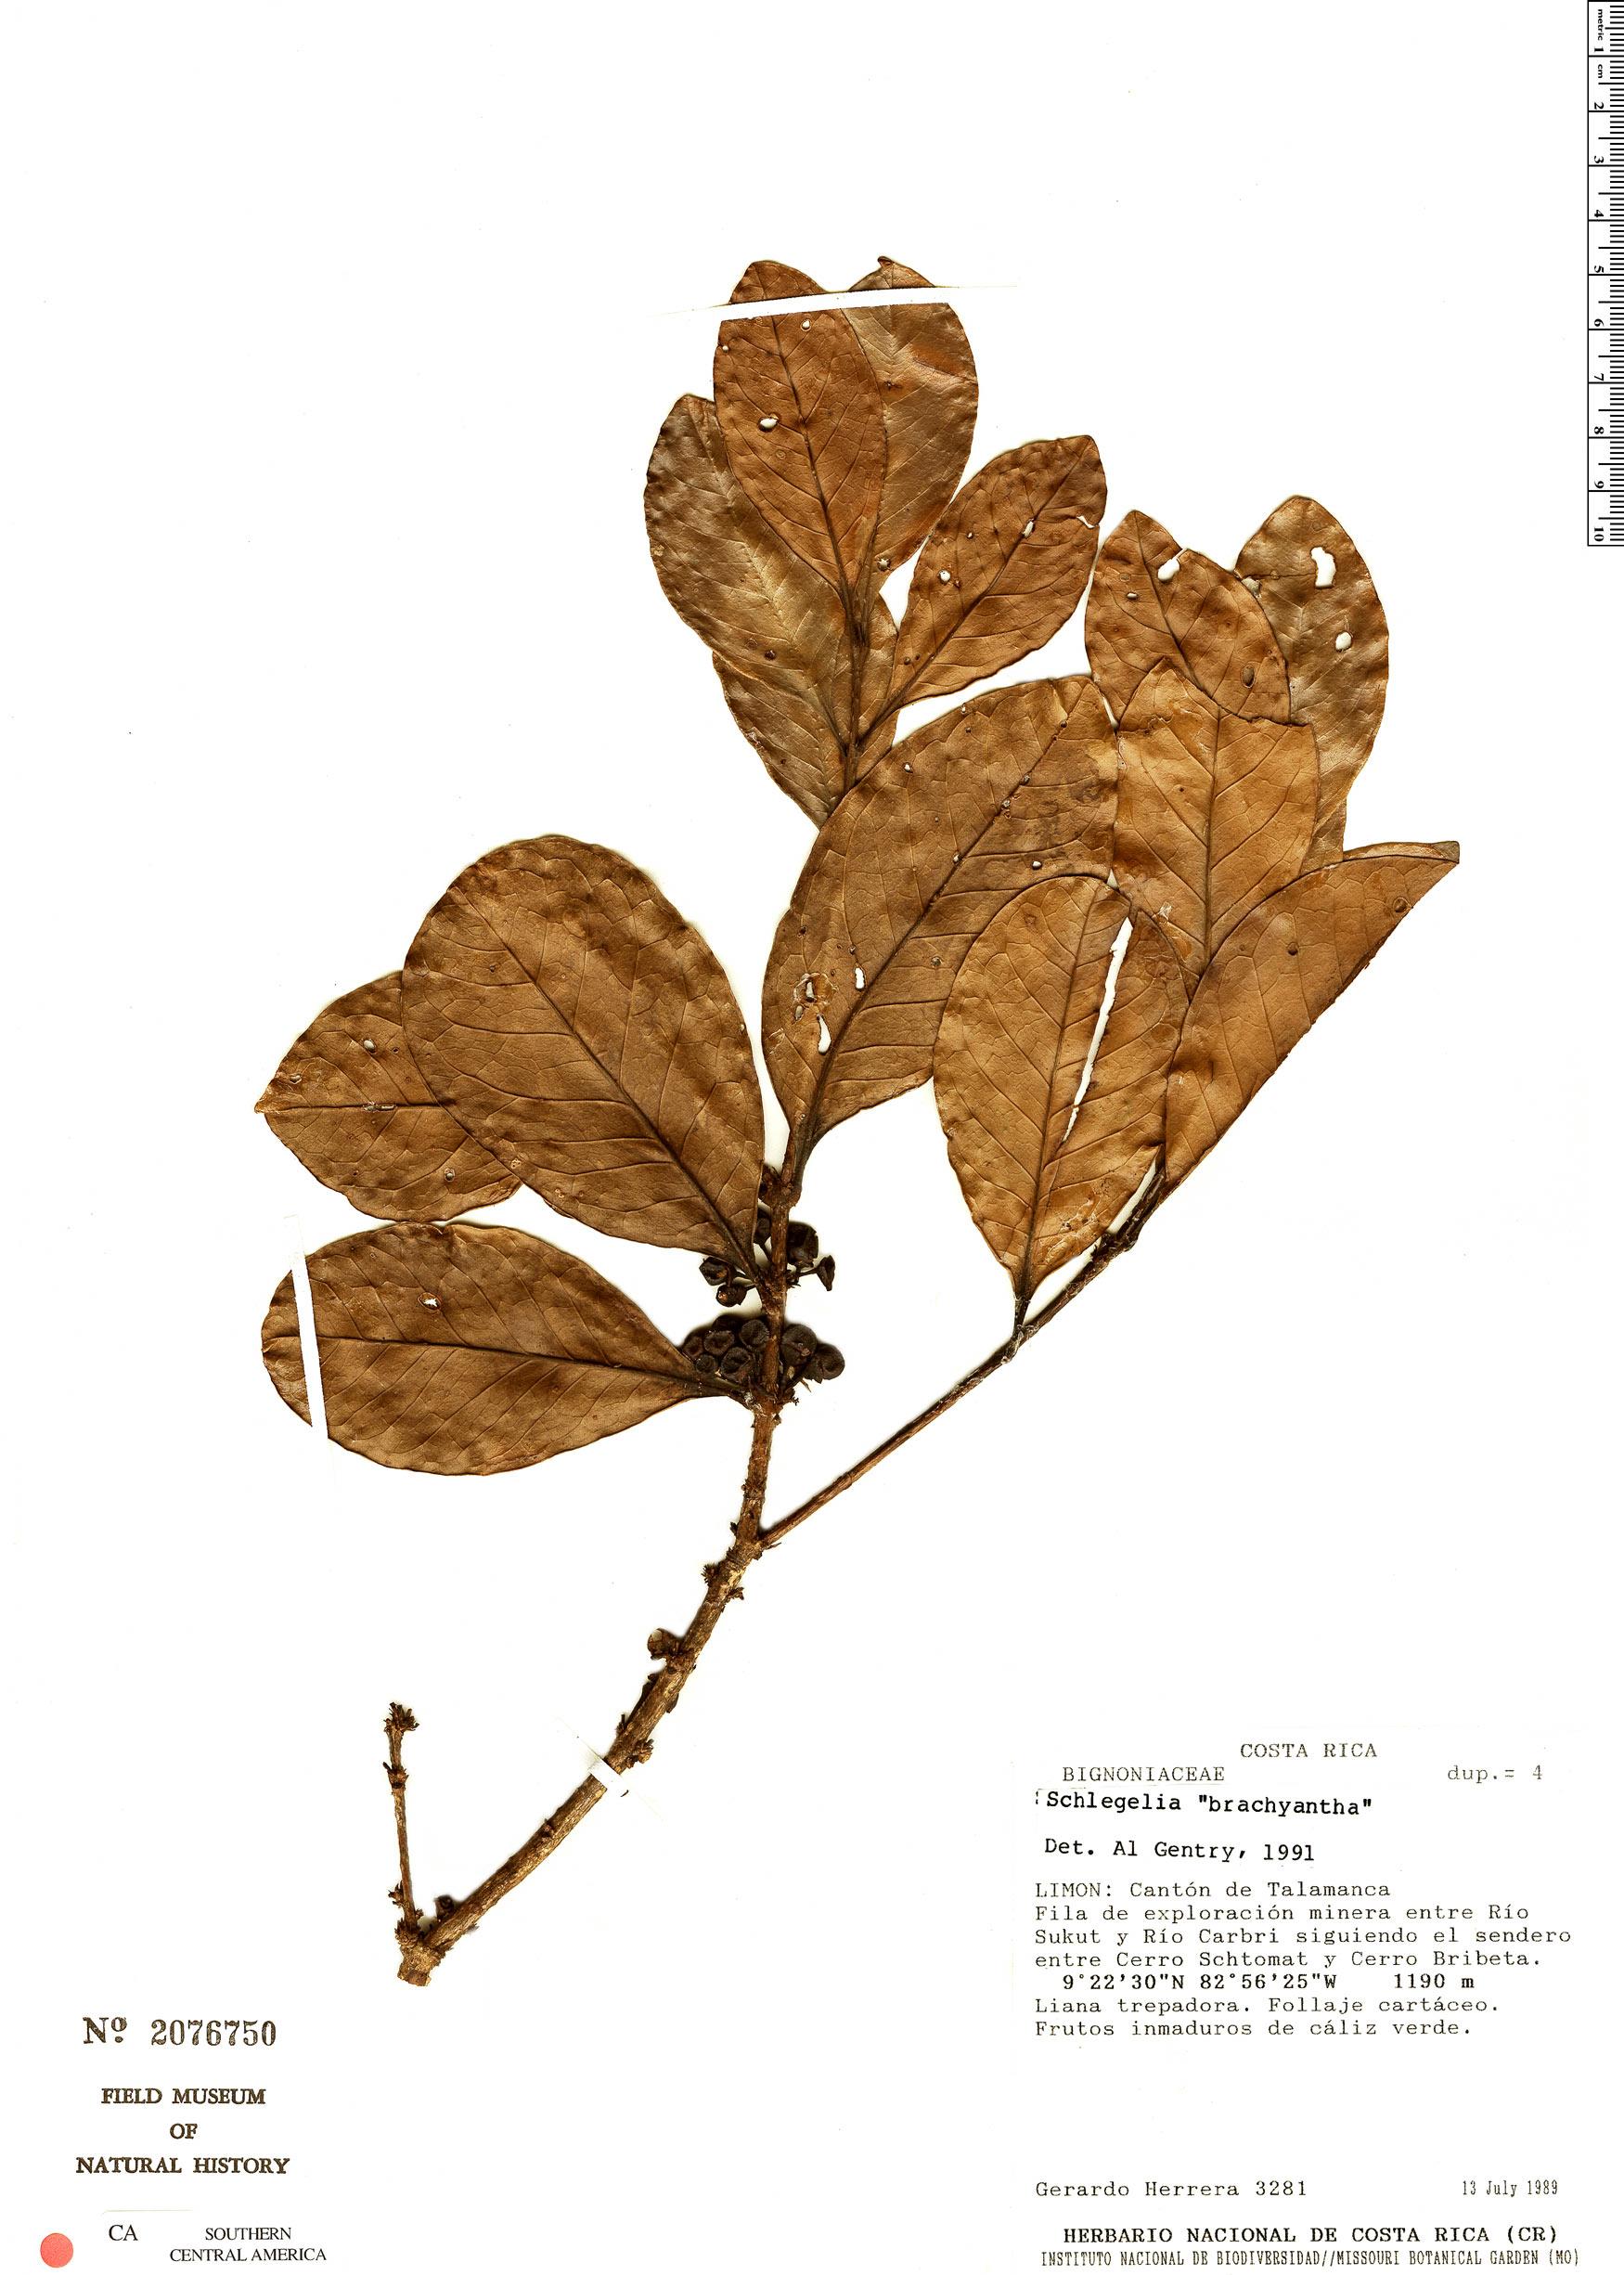 Specimen: Schlegelia brachyantha